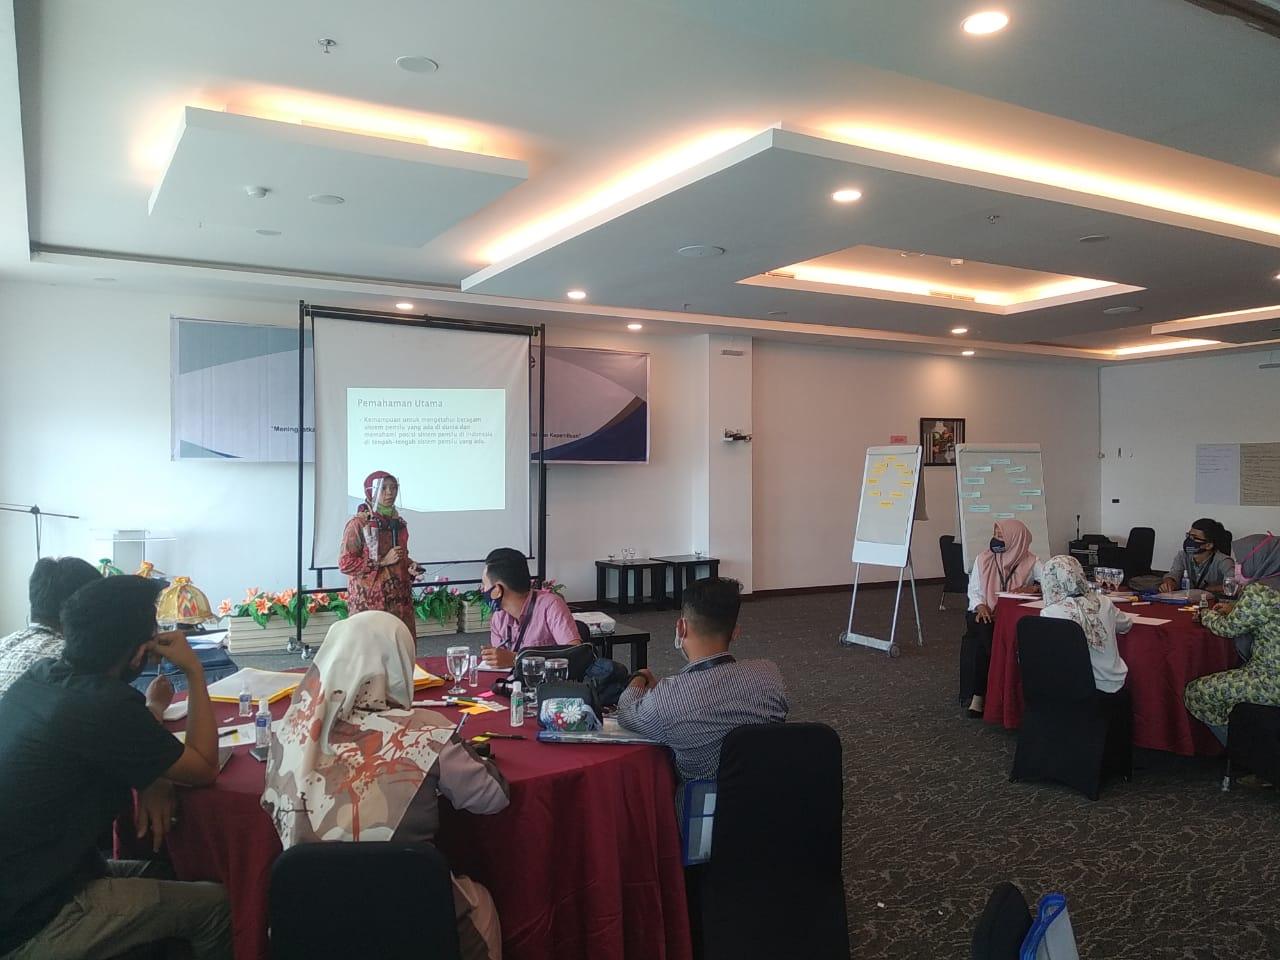 Netfid Gelar Workshop Untuk Mendorong Peningkatan Kapasitas Kepemiluan SDM Jelang Pilkada 2020